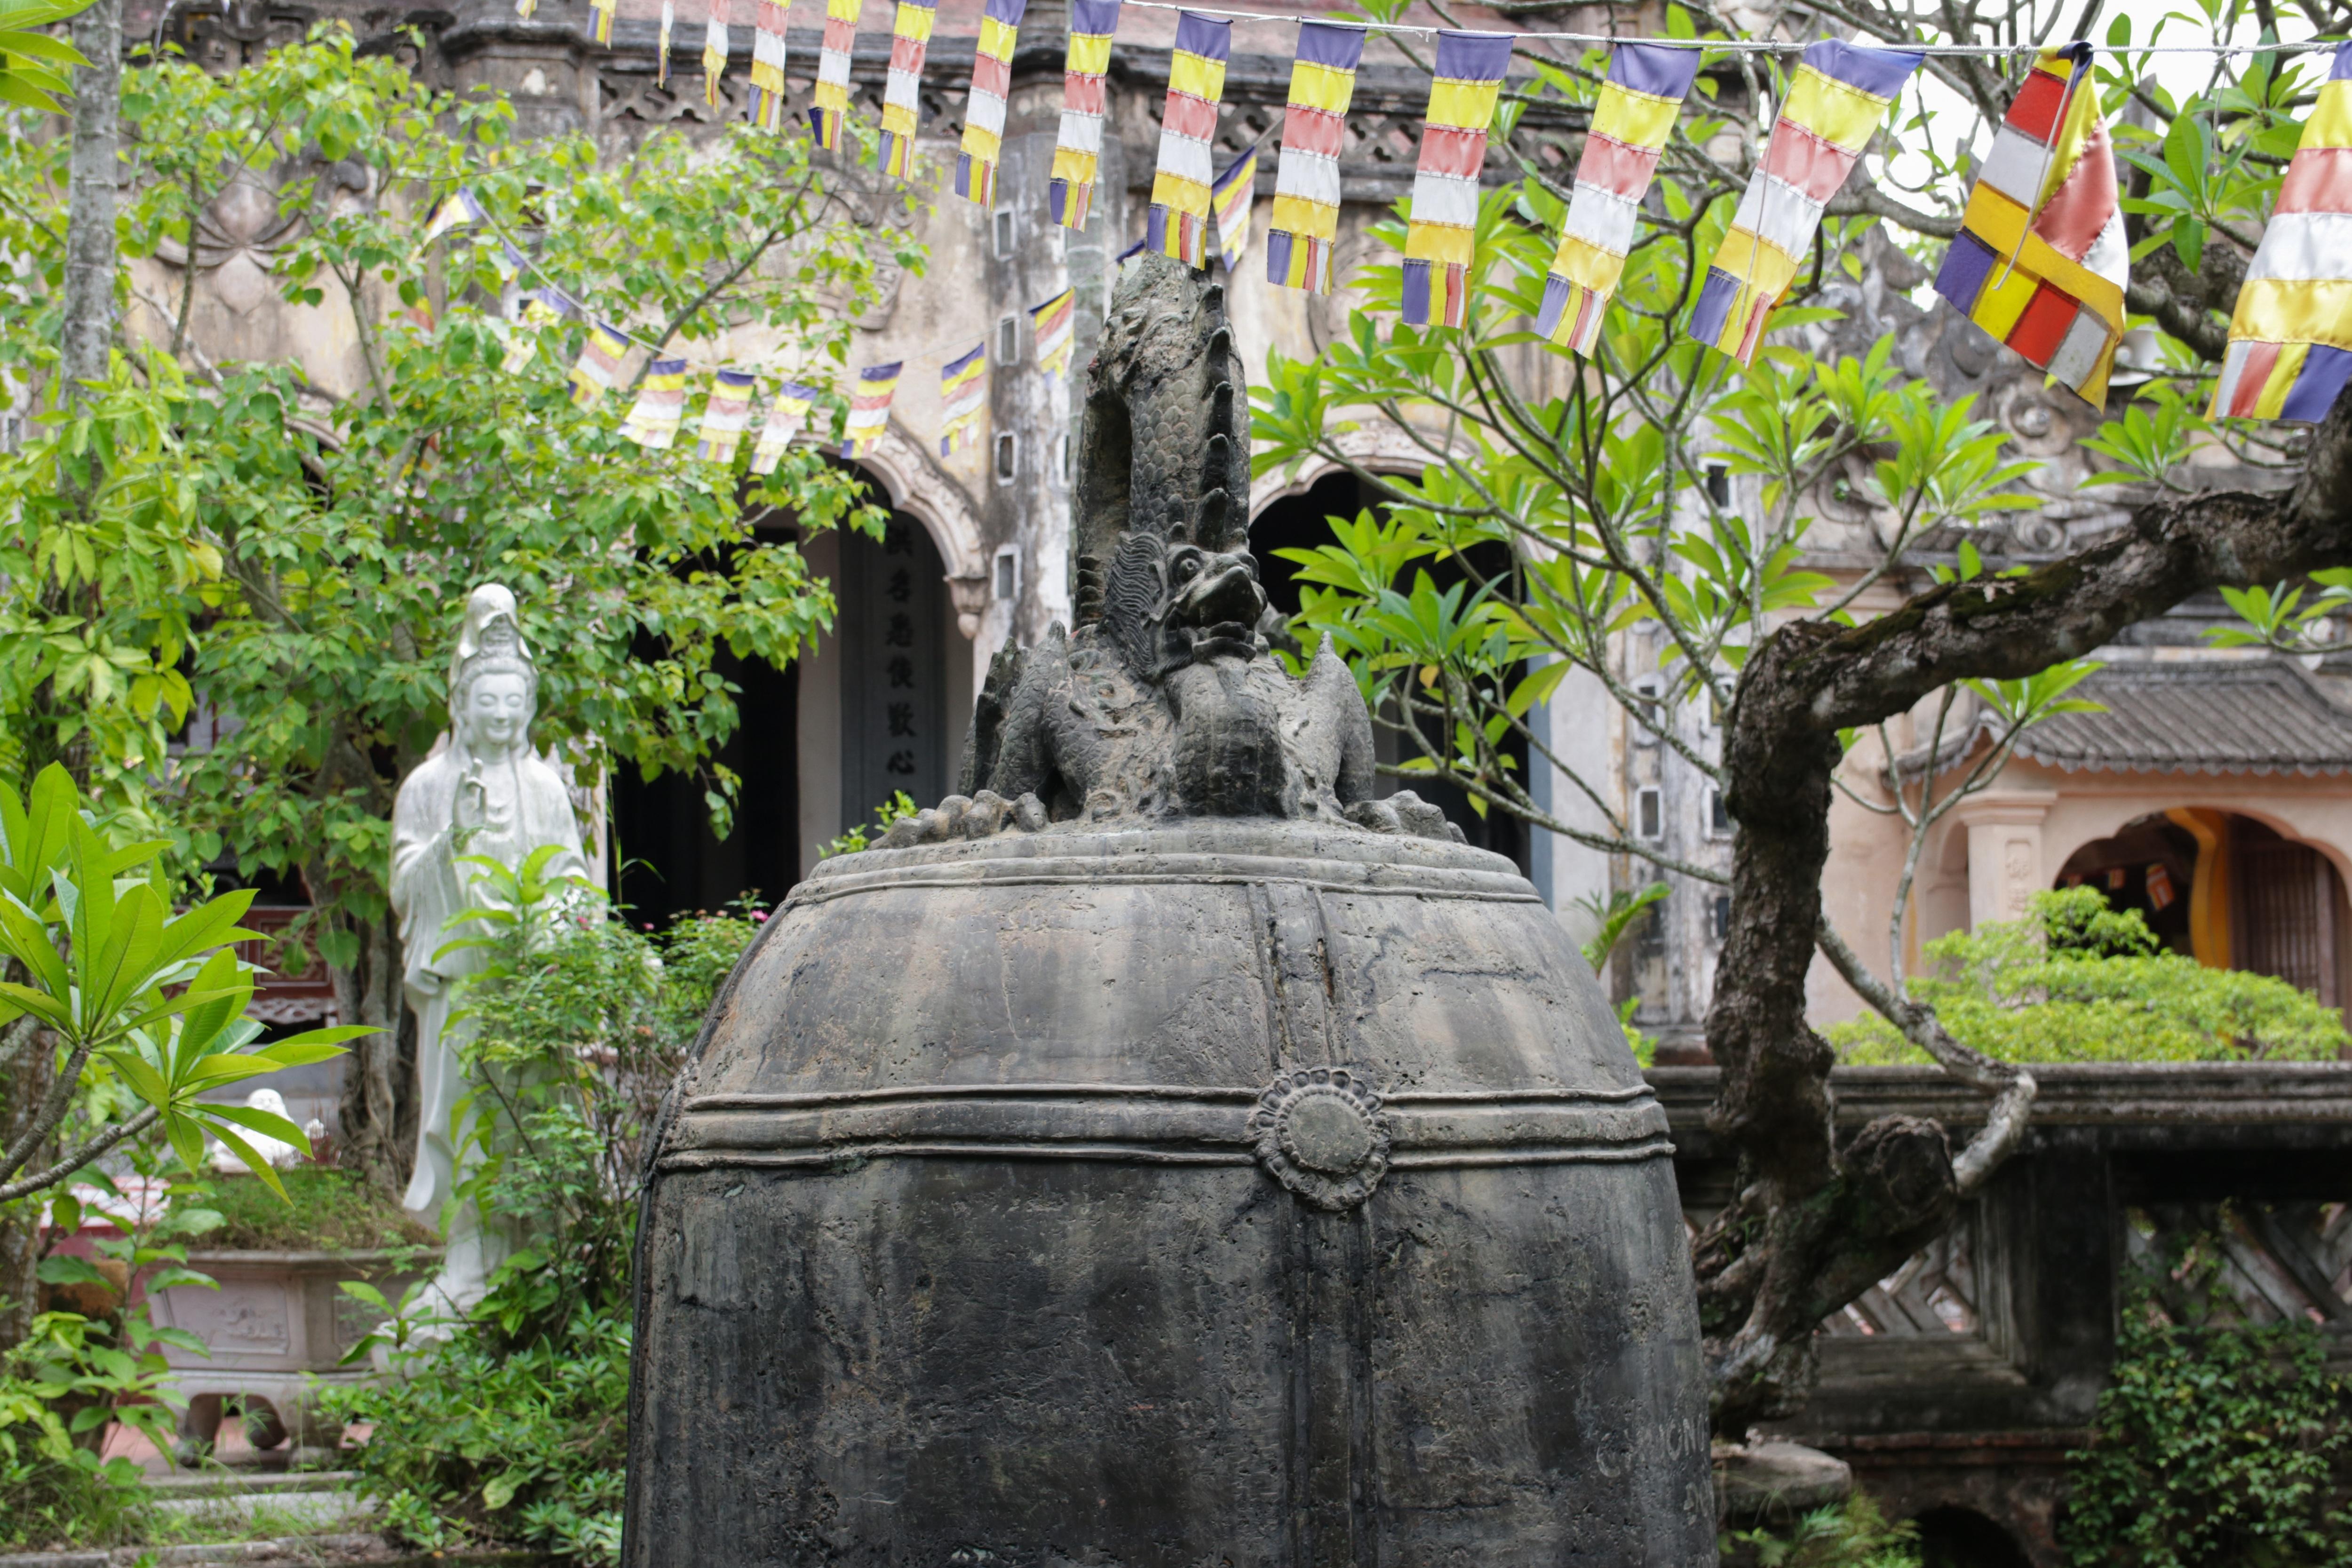 Đến năm 1954, chuông mới được trục vớt và được đặt trên bệ đá cho du khách tham quan từ đó đến nay. Do số phận đặc biệt của mình mà trong gần một thế kỷ tồn tại, chuông chùa Cổ Lễ chưa được đánh một lần nào.